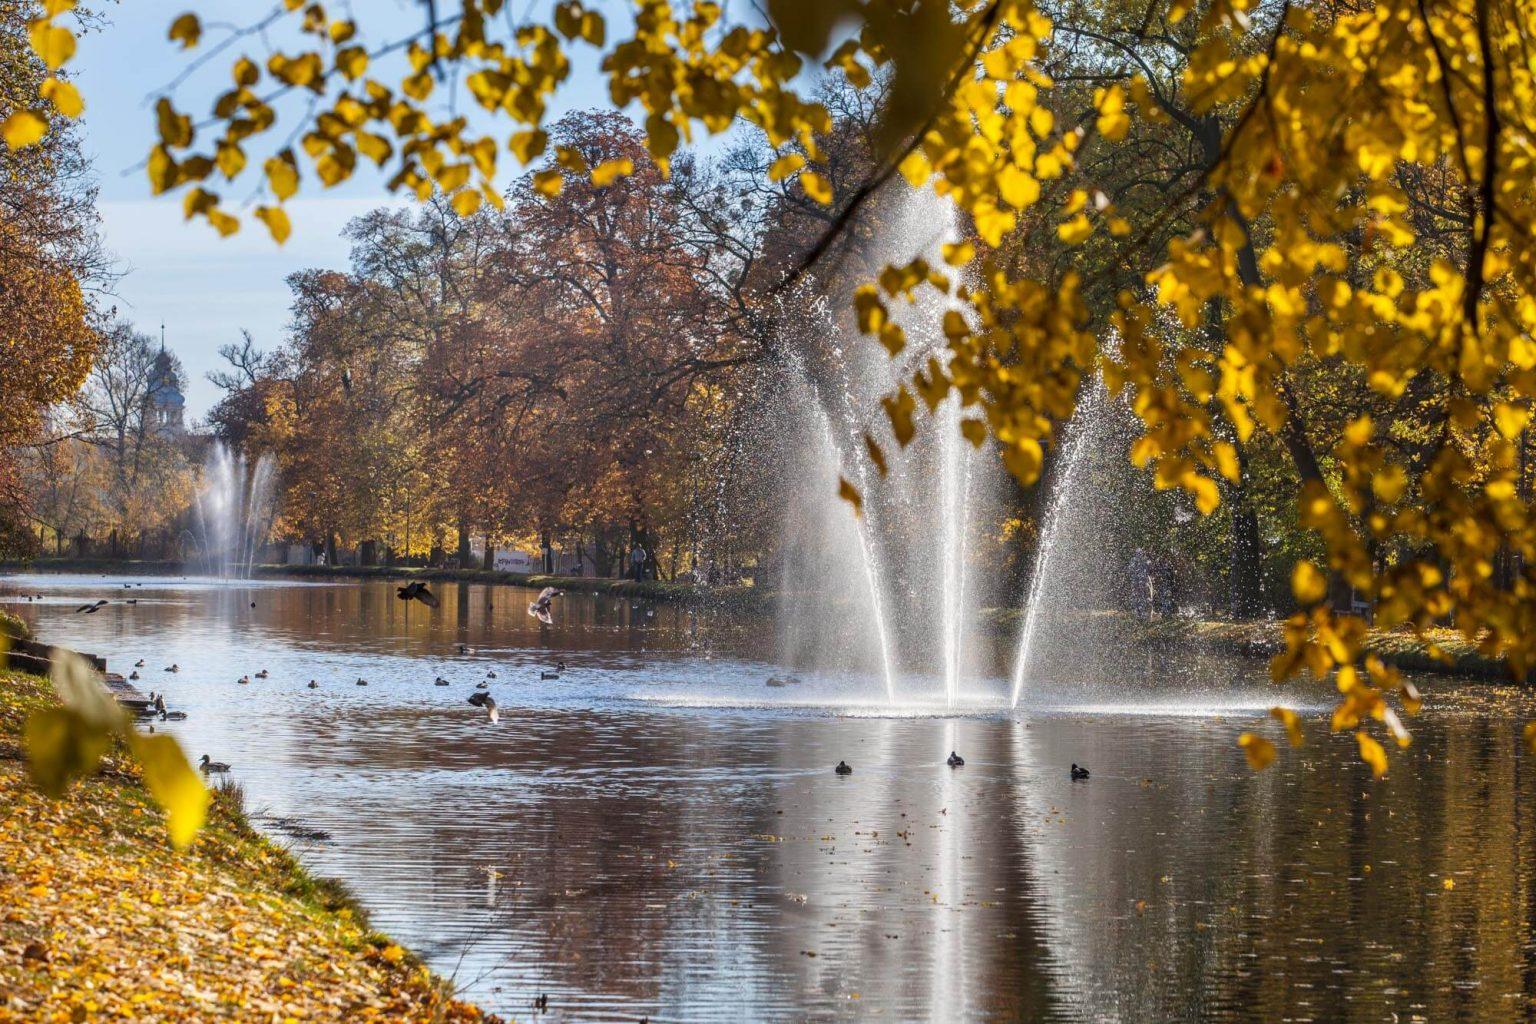 fountain on the bydgoszcz canal in bydgoszcz